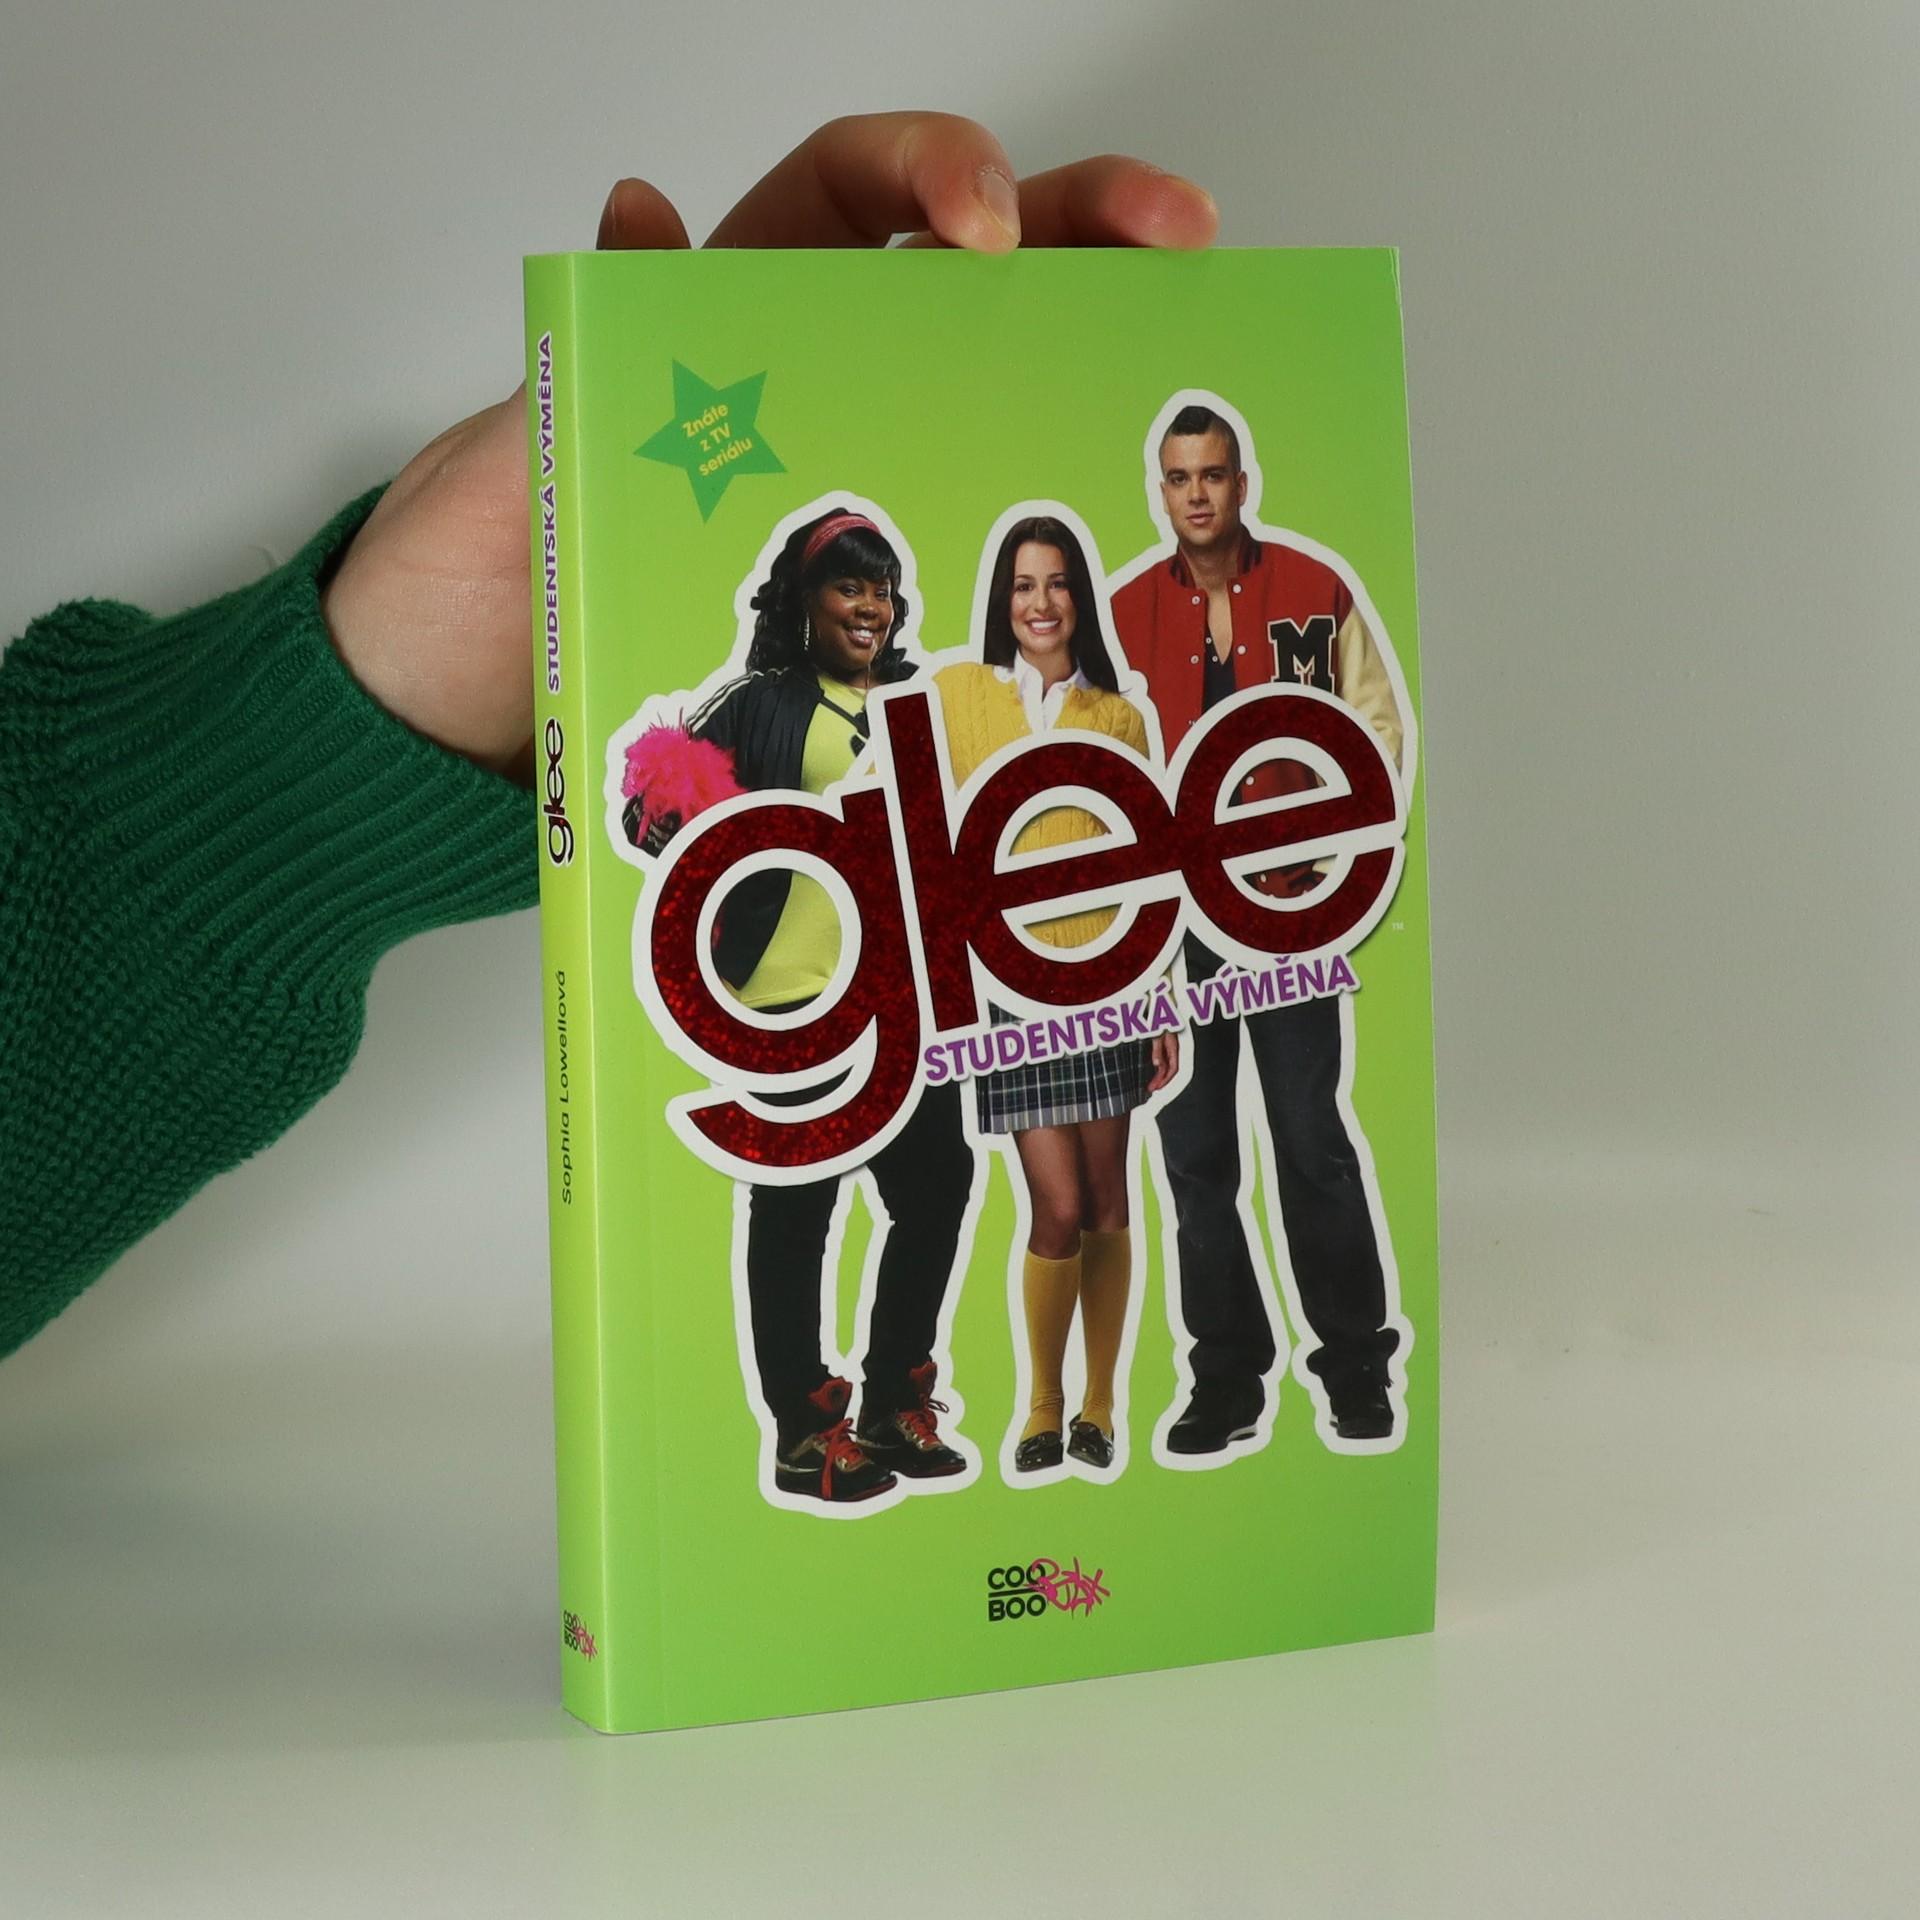 antikvární kniha Glee : studentská výměna, 2011